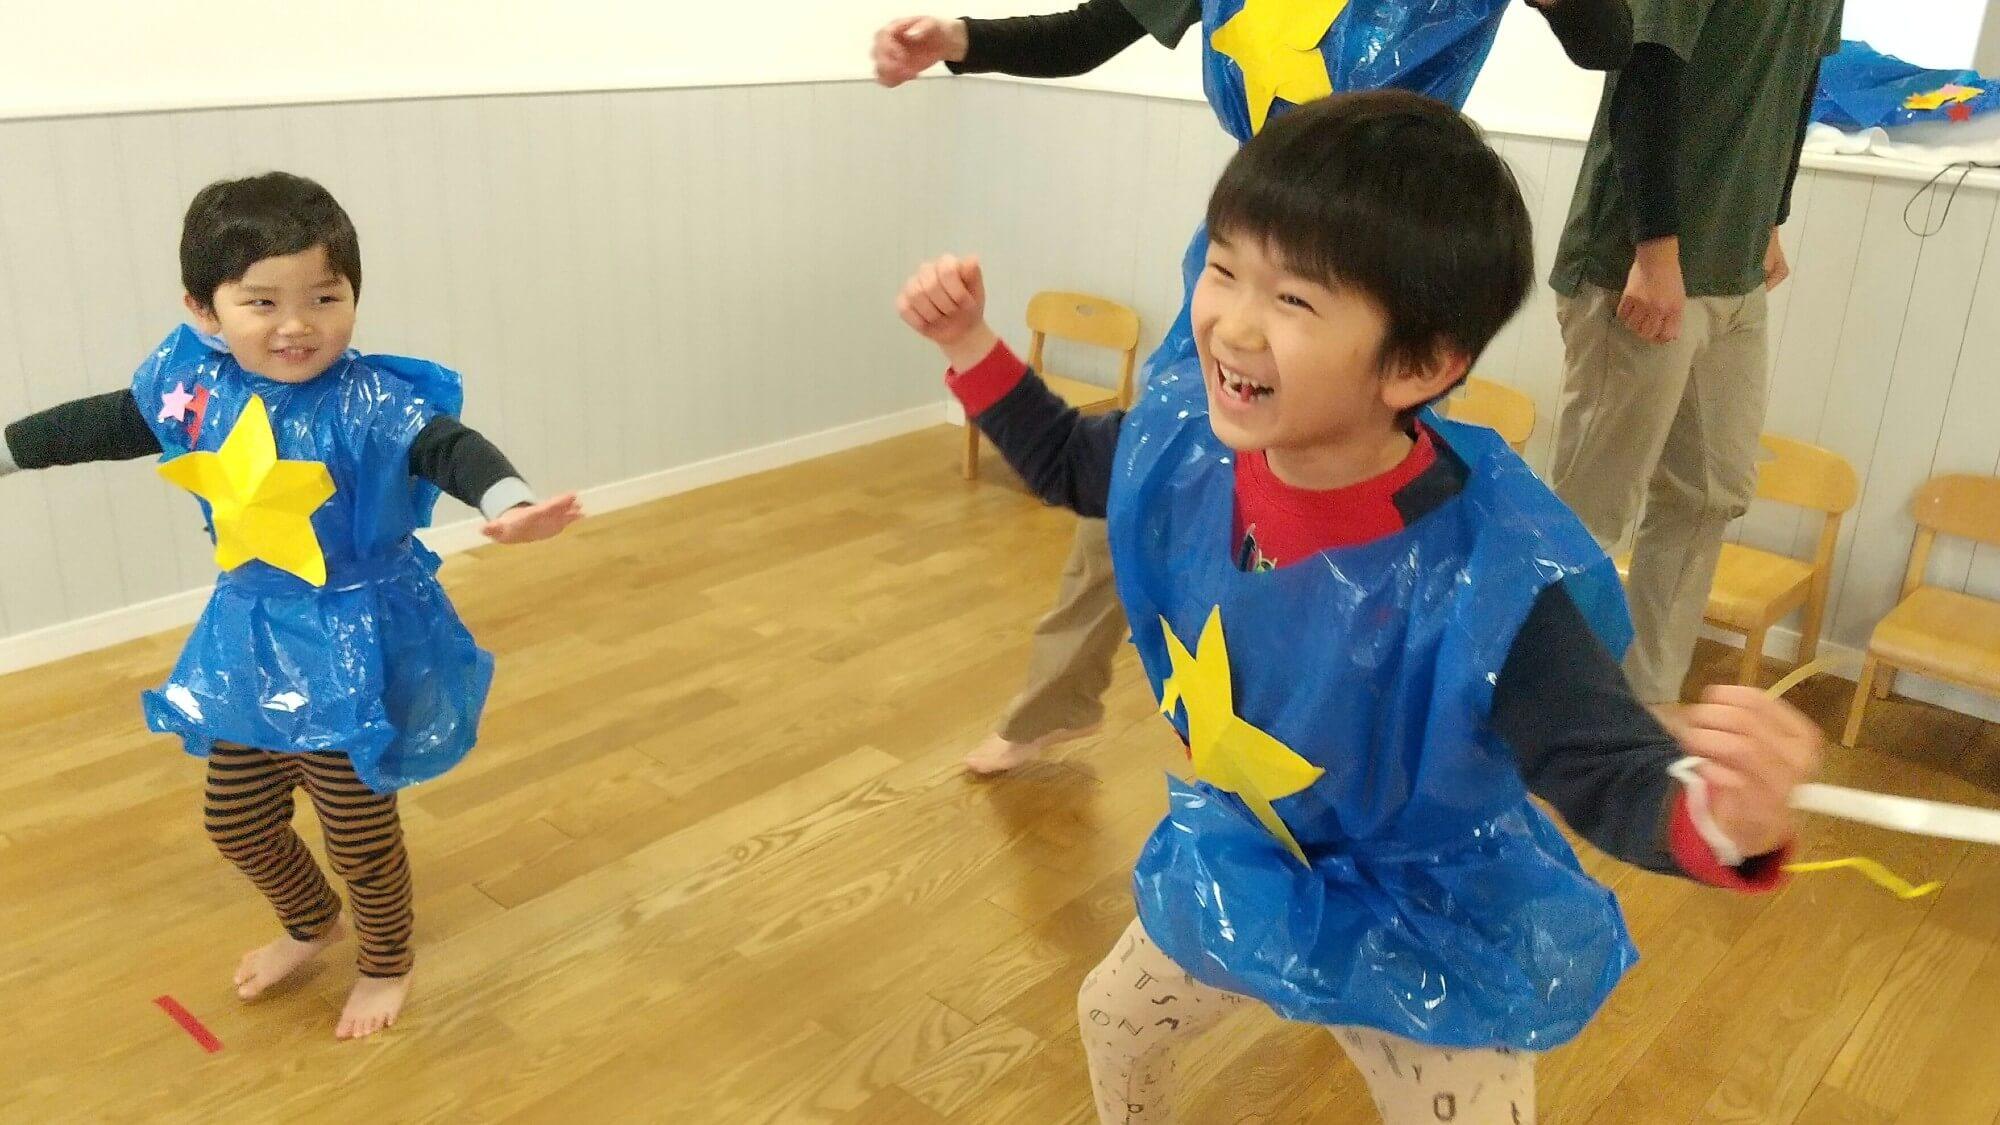 ダンスを楽しむ子ども